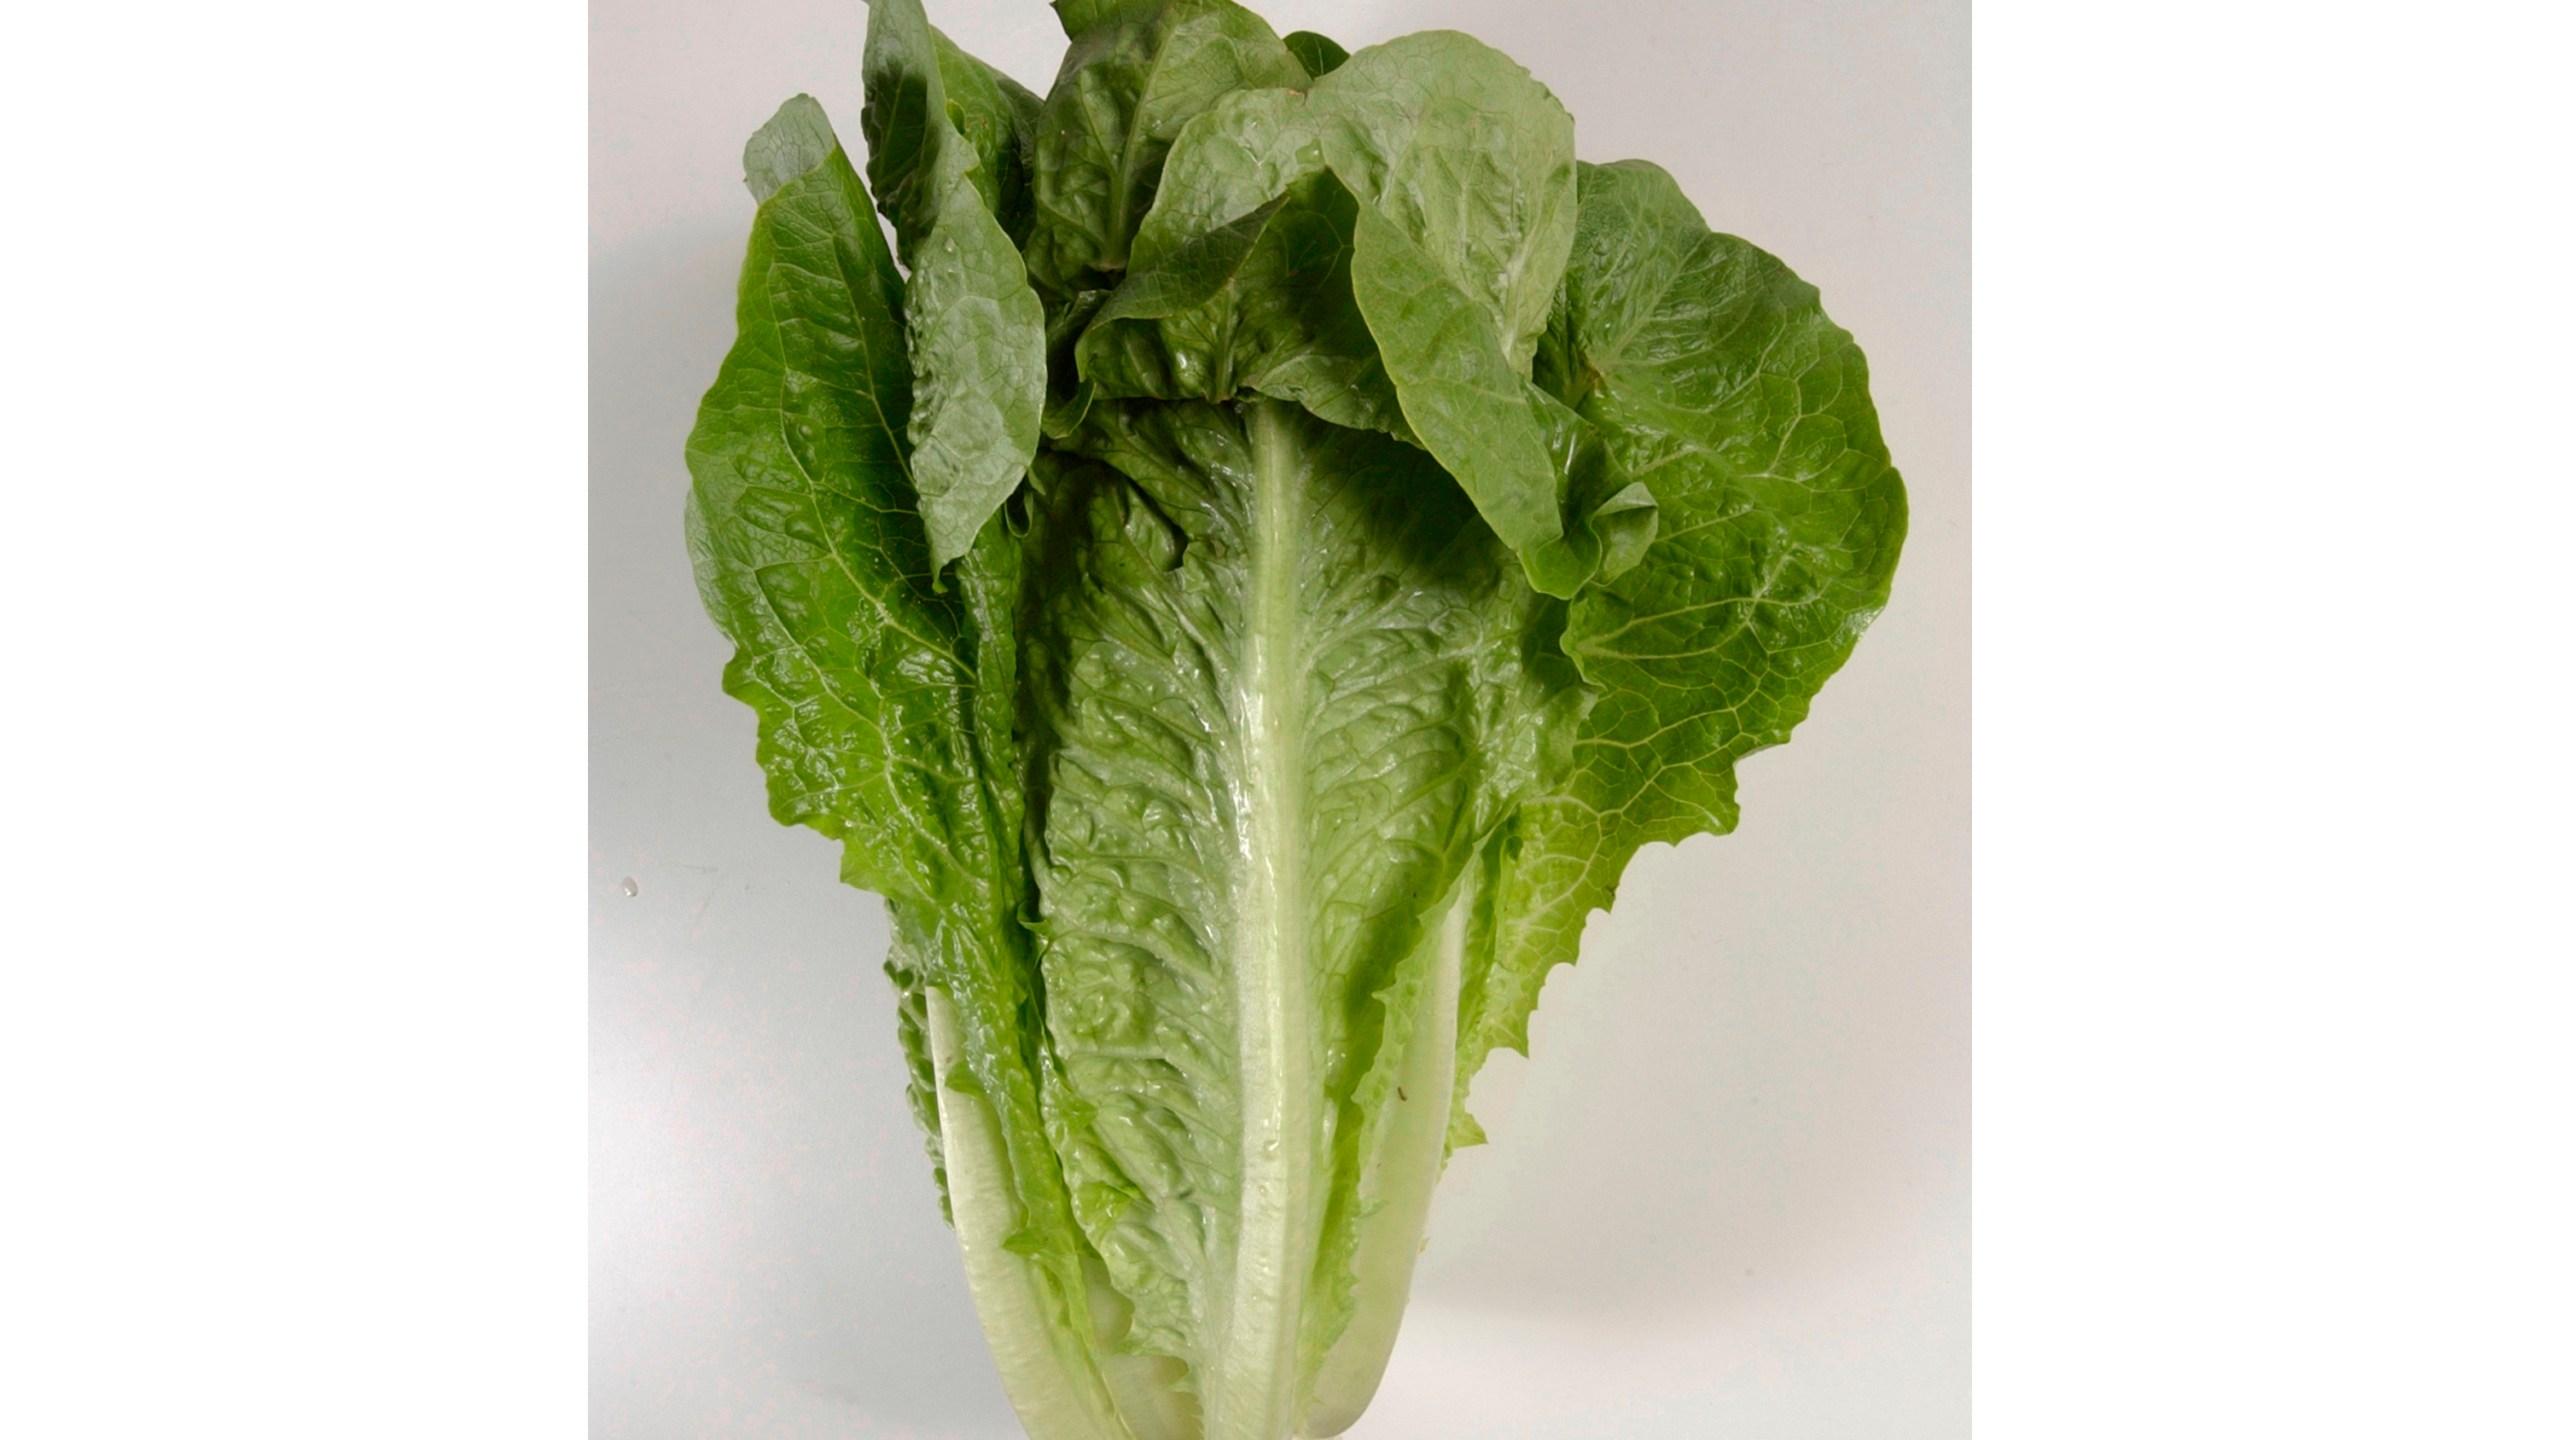 Lettuce_Outbreak_16426-159532.jpg50152903